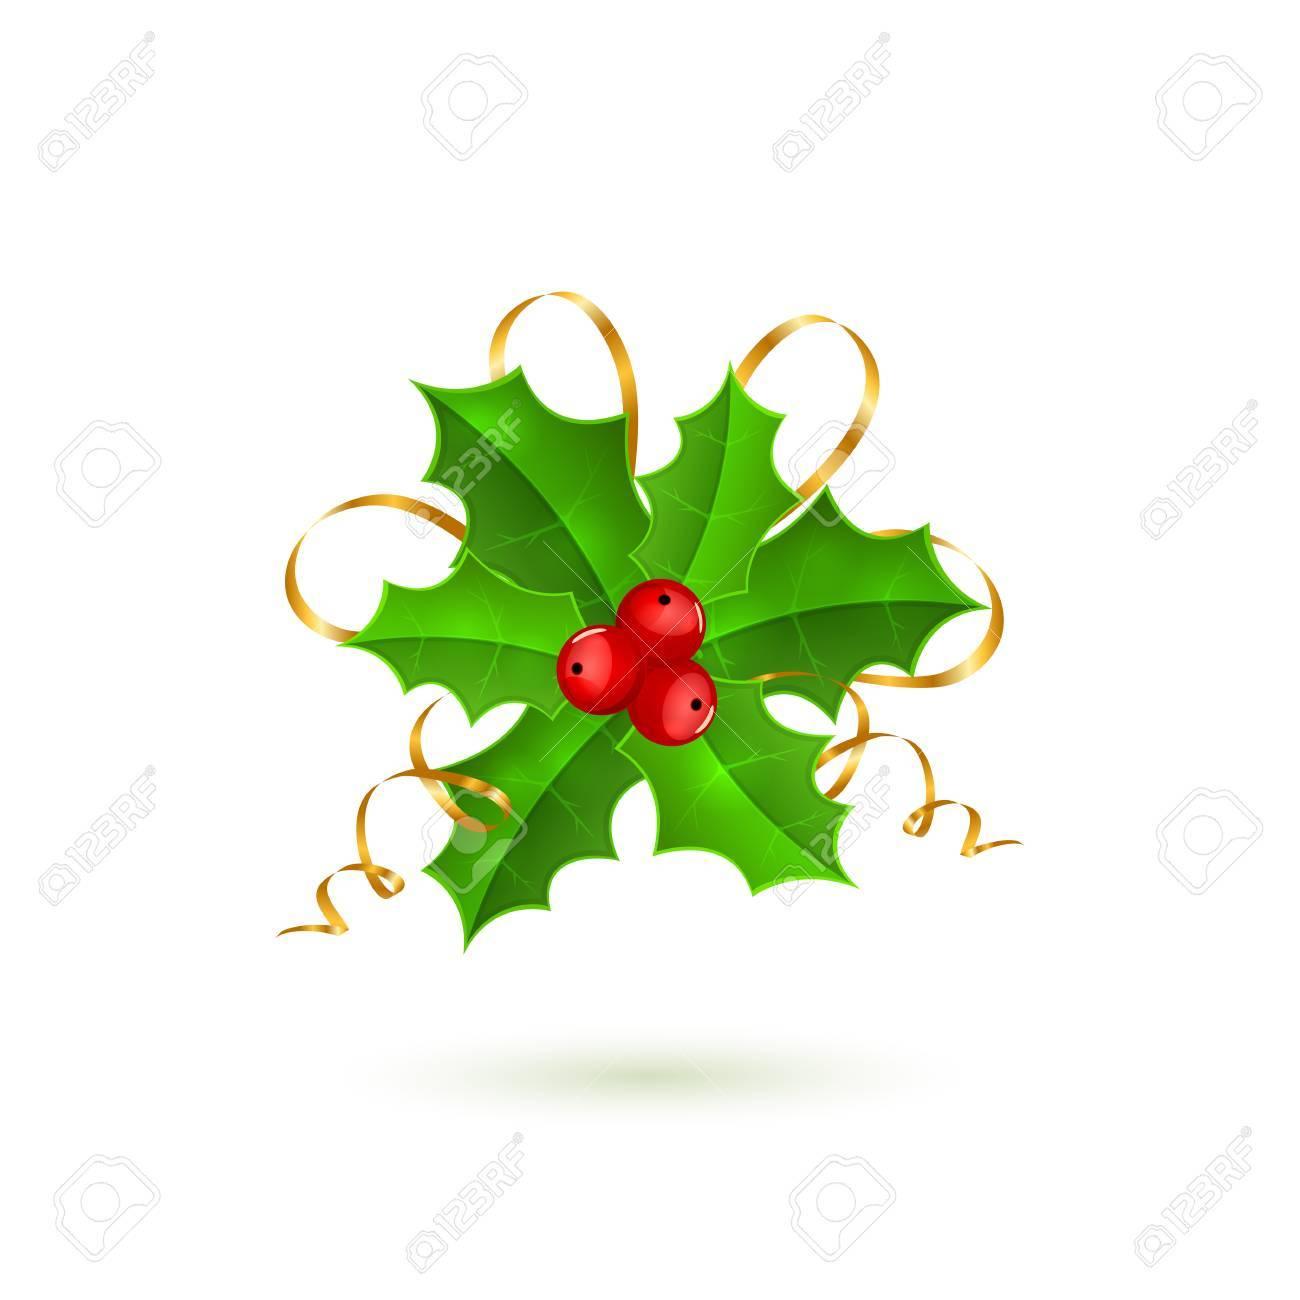 Immagini Agrifoglio Di Natale.Bacche Dell Agrifoglio Di Natale Con Lame Isolato Su Priorita Bassa Bianca Decorazione Di Festa Illustrazione